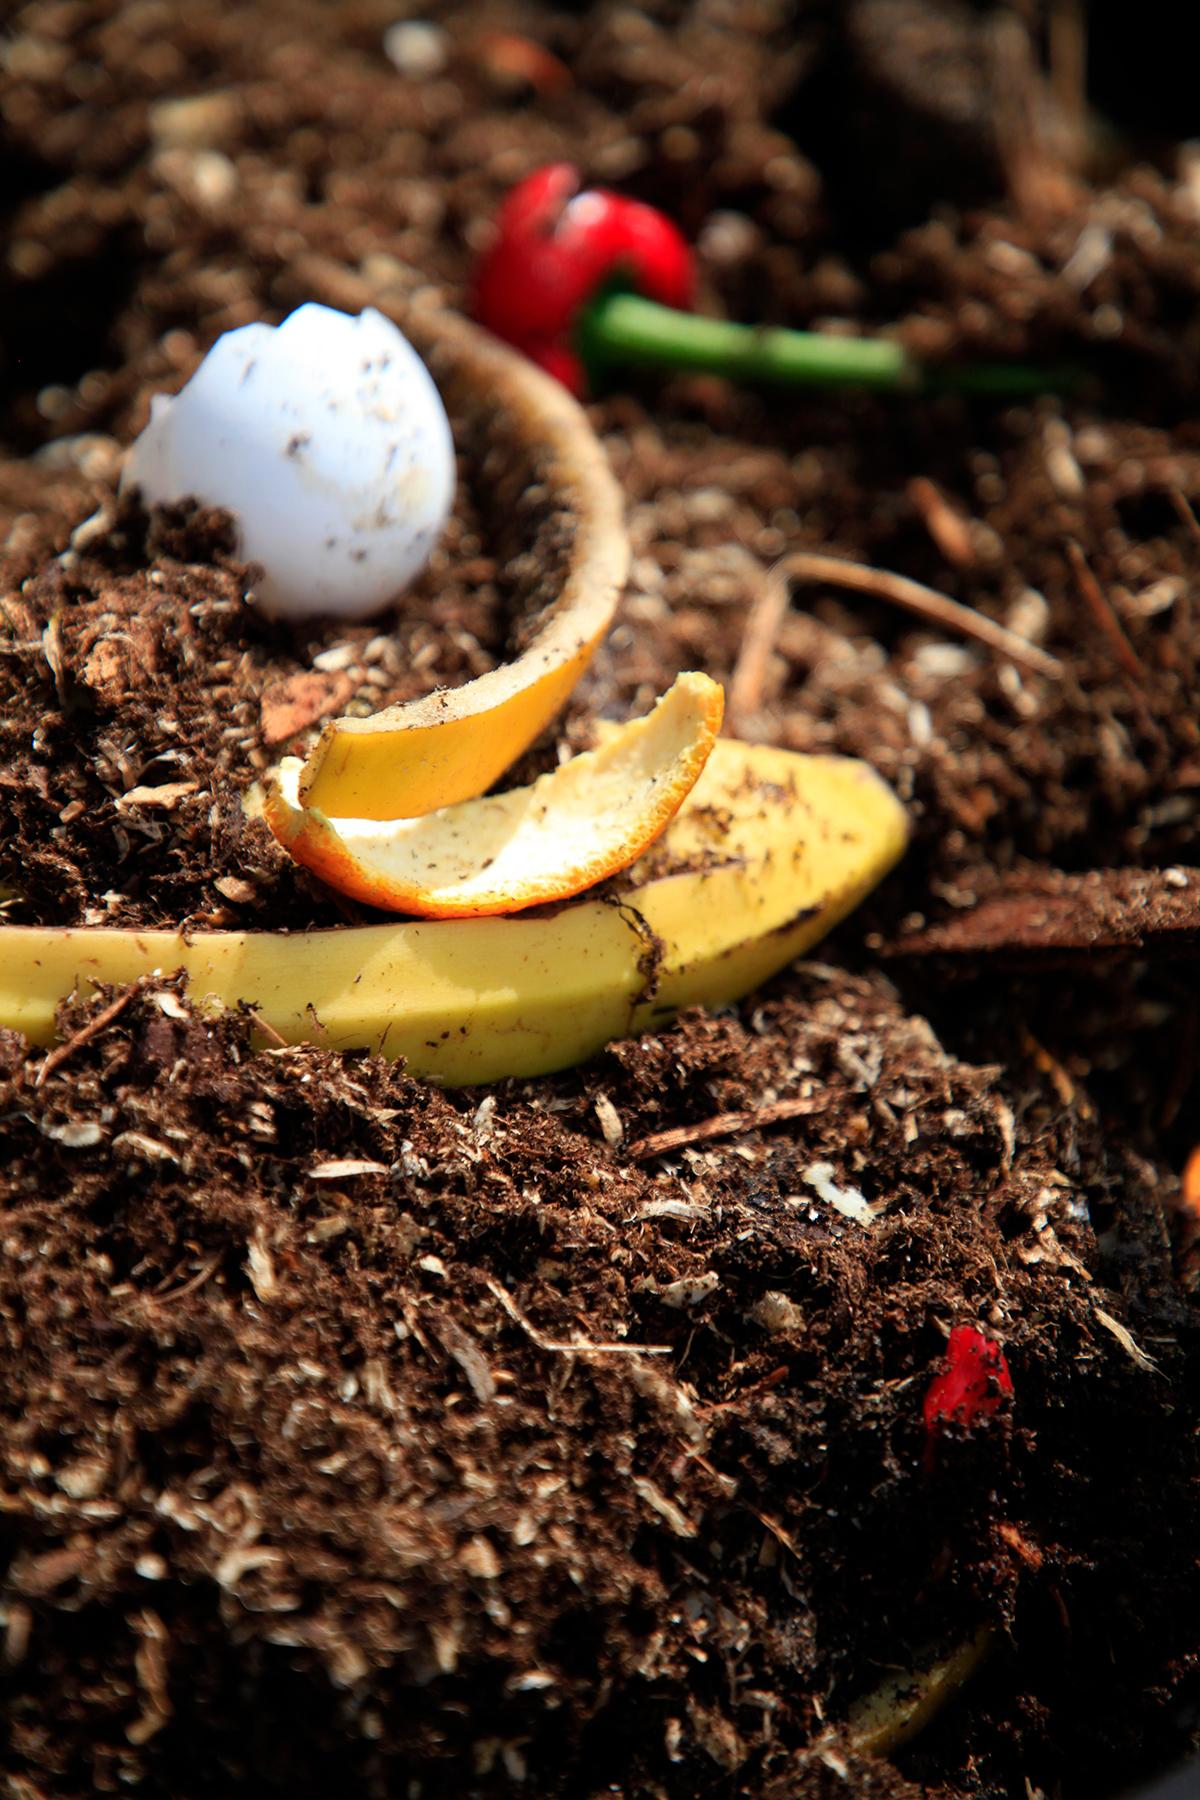 Kompostmassan kan bestå av fruktrester och äggskal